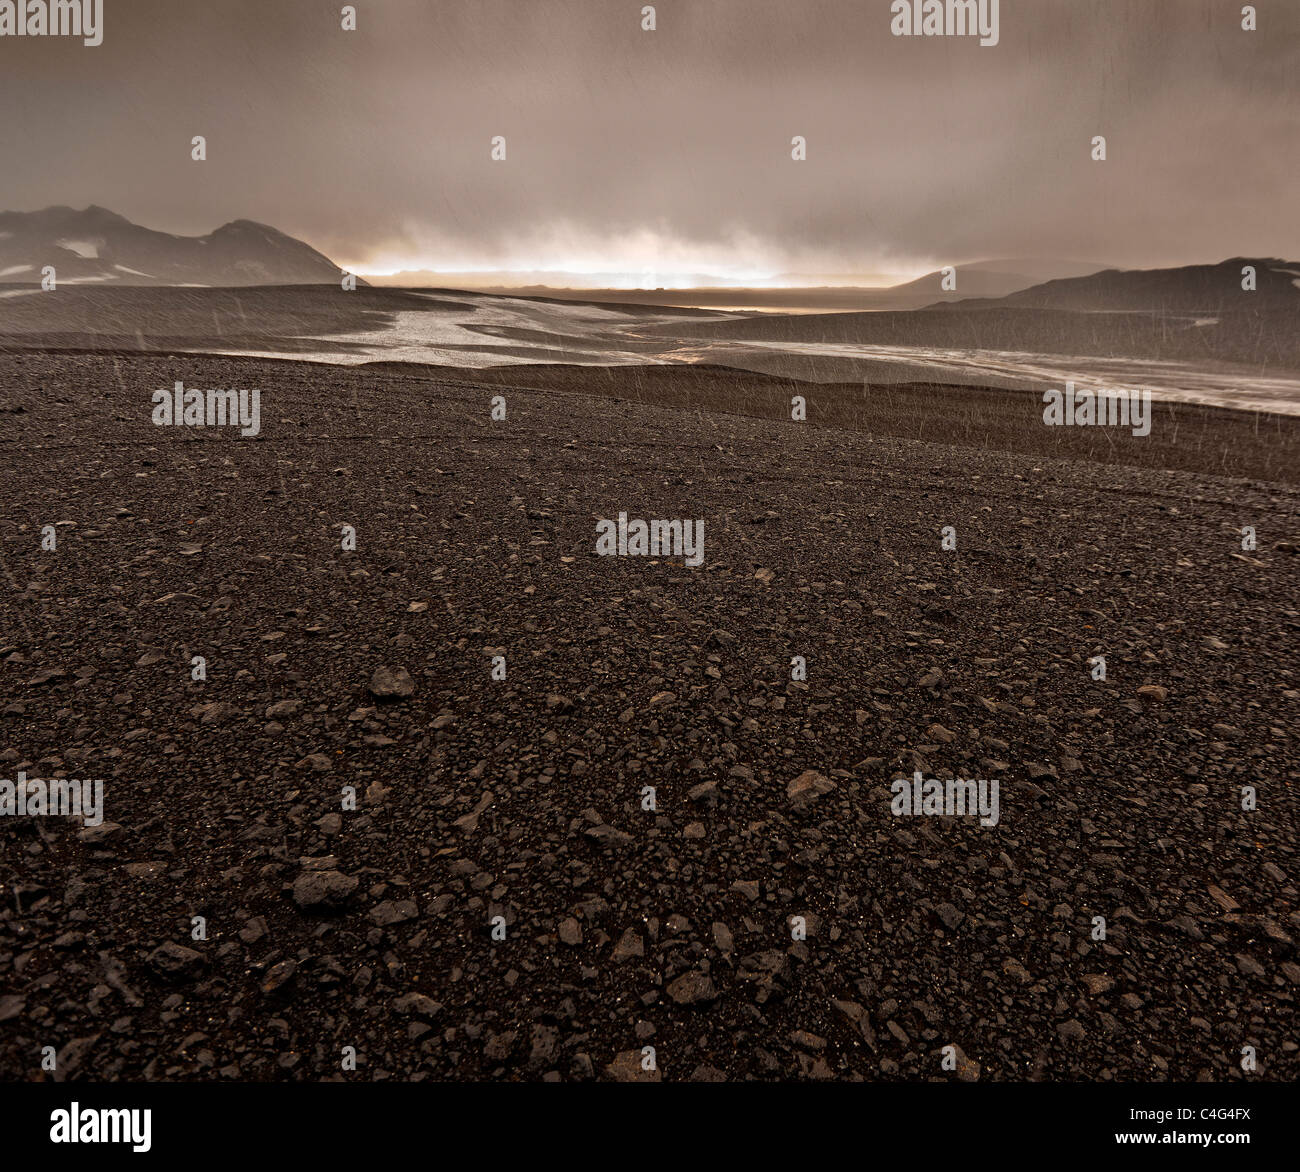 Brutto tempo con nevischio e pioggia di cenere riempito paesaggio glaciale, Grimsvotn eruzione vulcanica, Islanda Immagini Stock